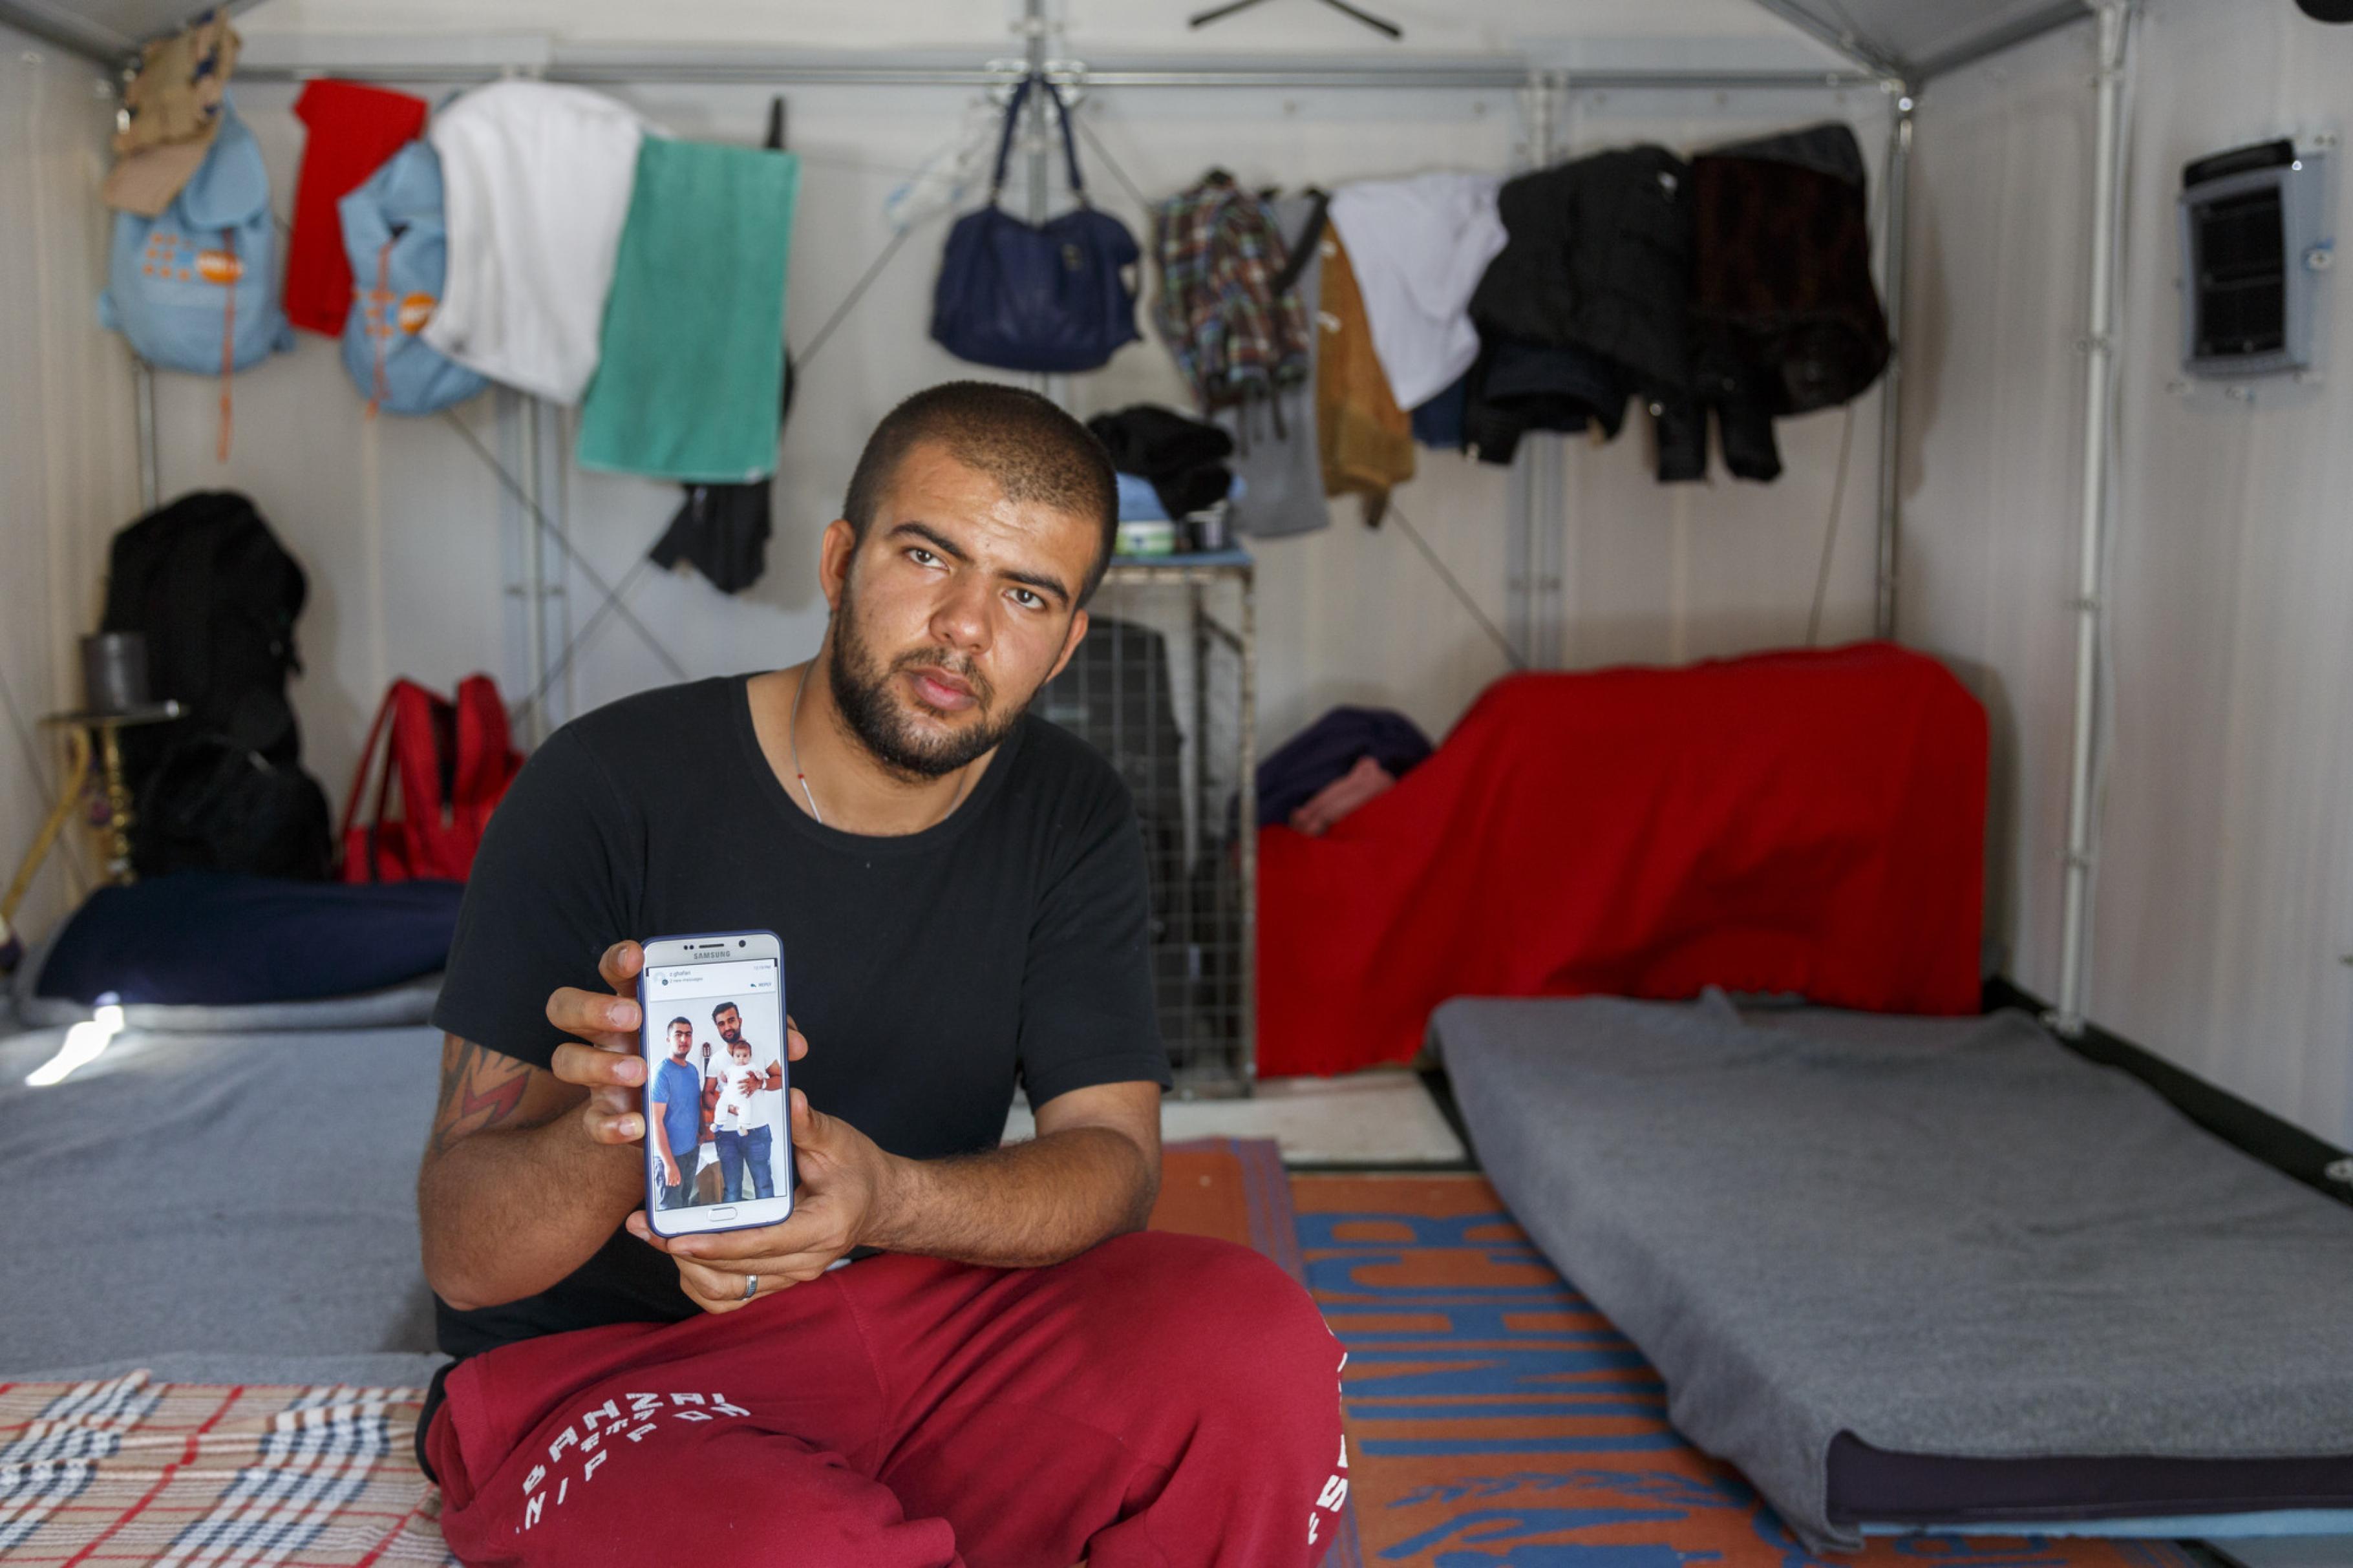 Faramaz zeigt sein Handydisplay, auf dem drei Verwandte von ihm zu sehen sind